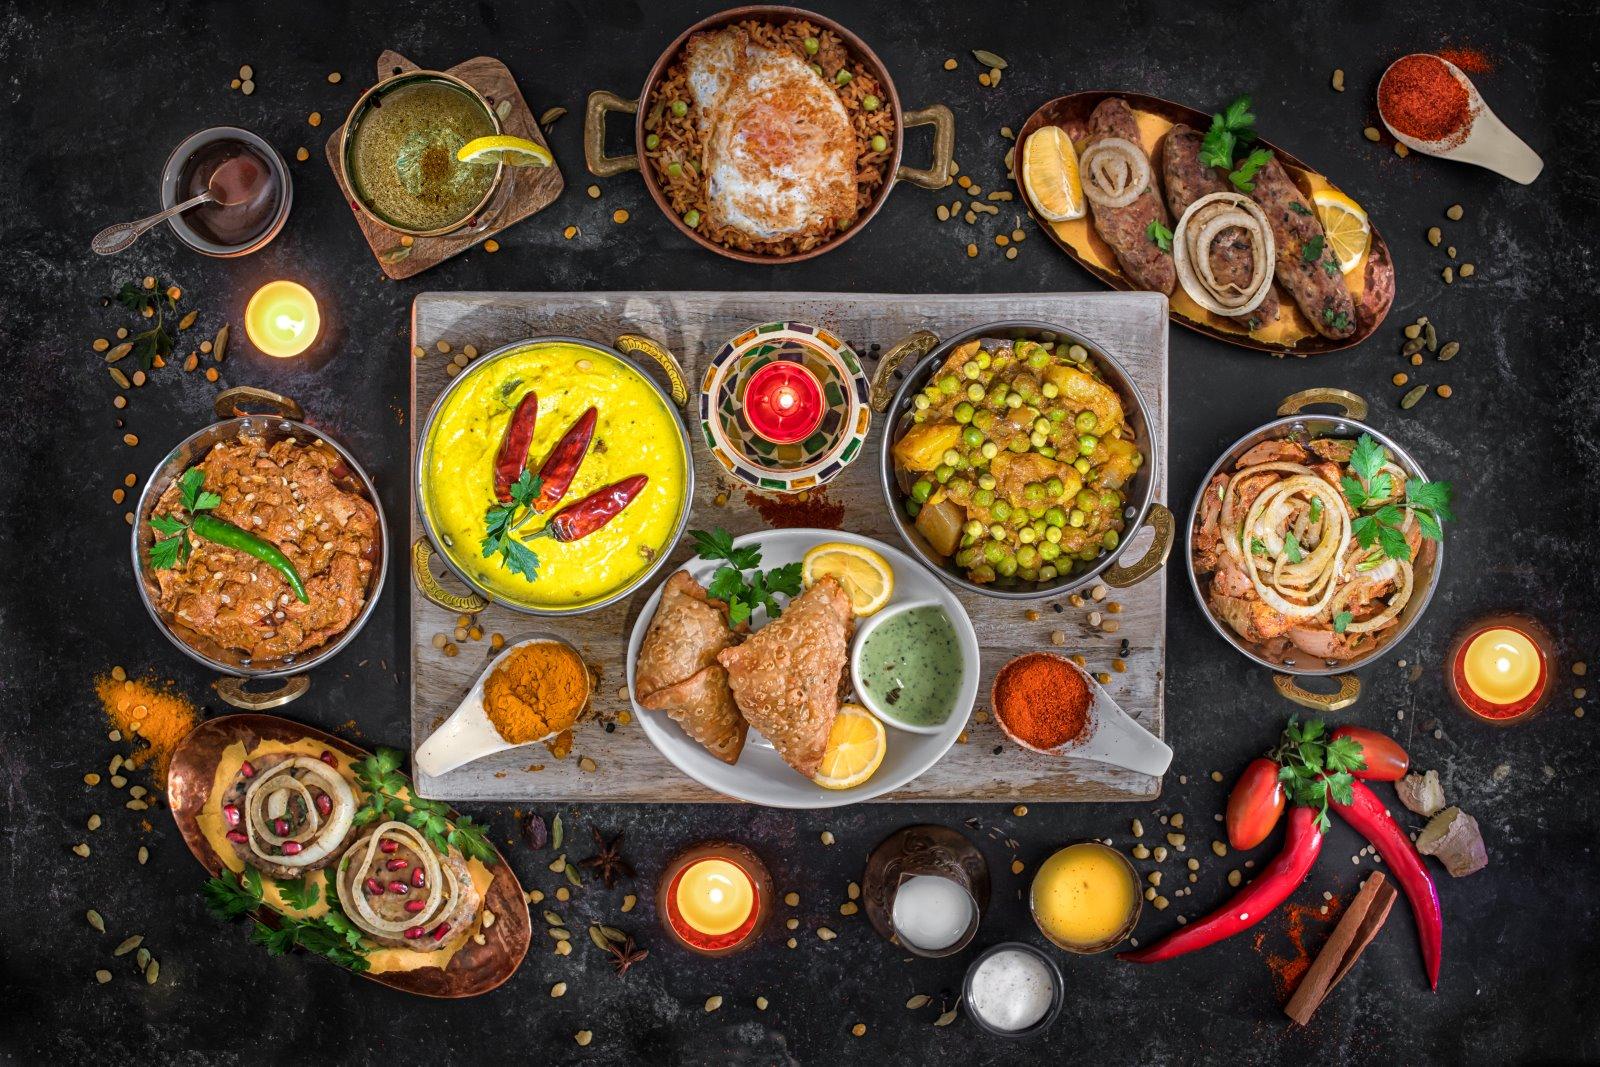 indian-food-food-photography-zurich-food-photographer-switzerland-asian-kitchen-indian-kitche-zurich-gloria-bressan